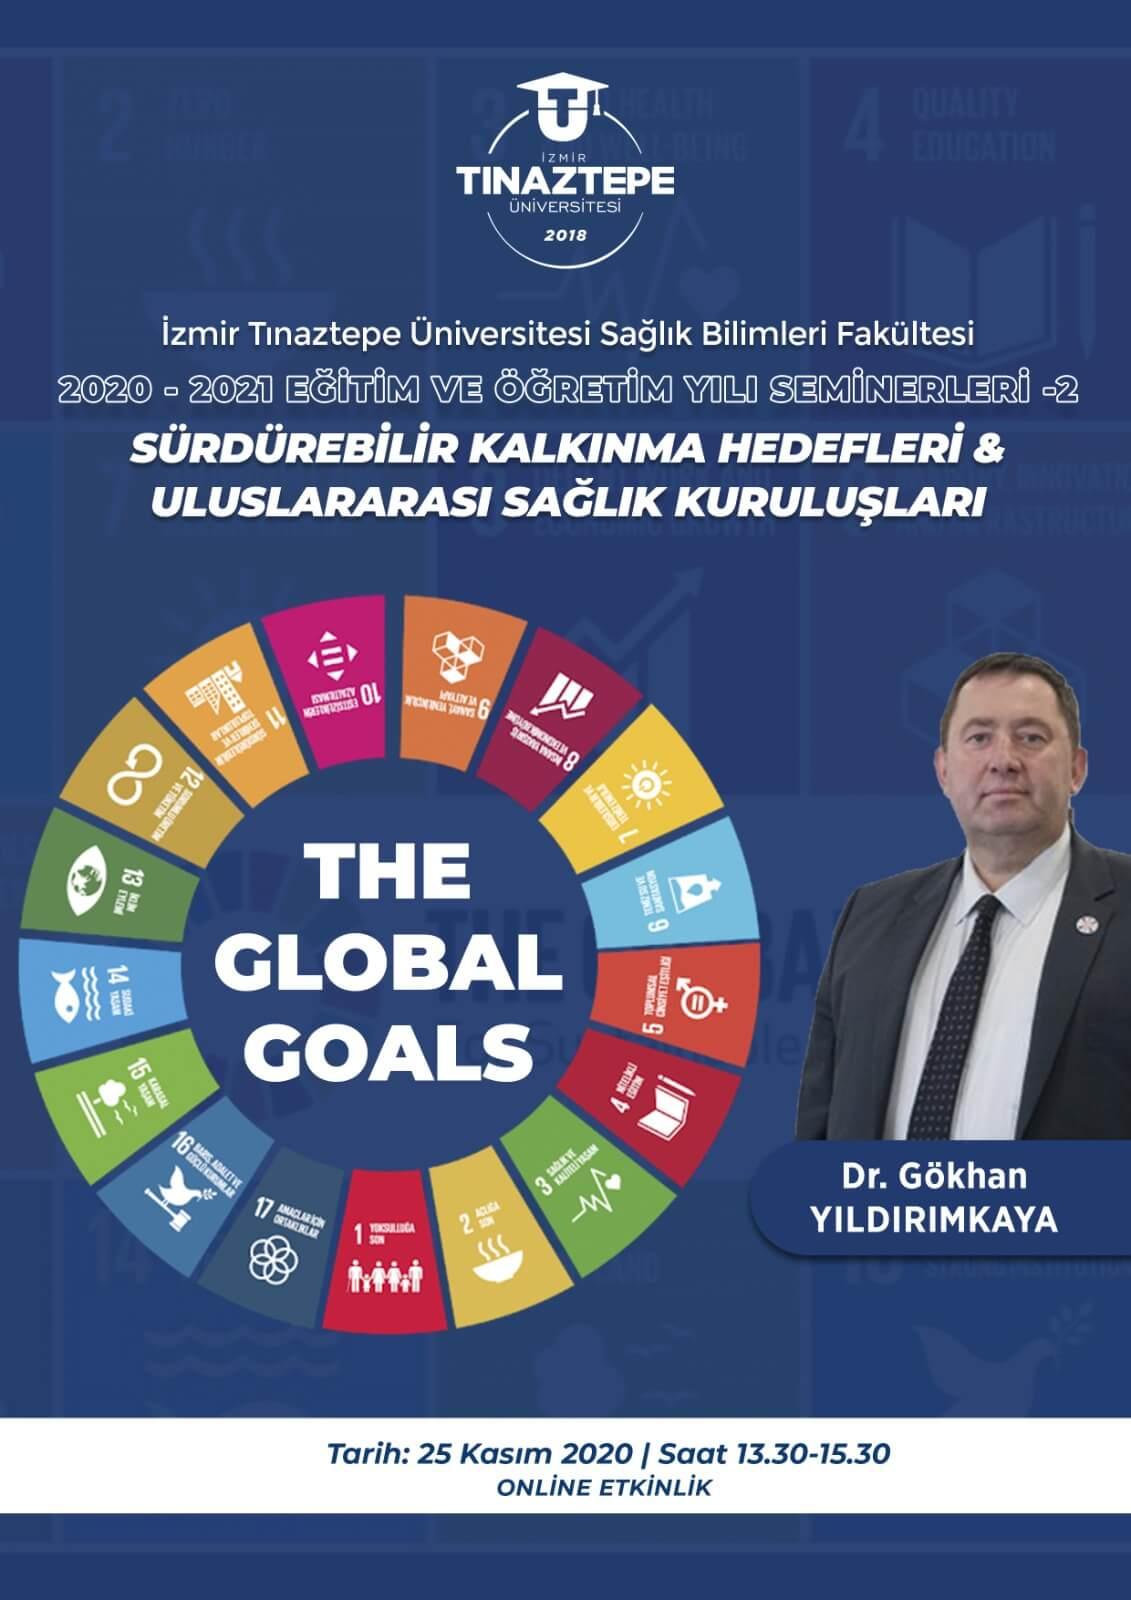 Sürdürülebilir Kalkınma Hedefleri ve Uluslararası Sağlık Kuruluşları